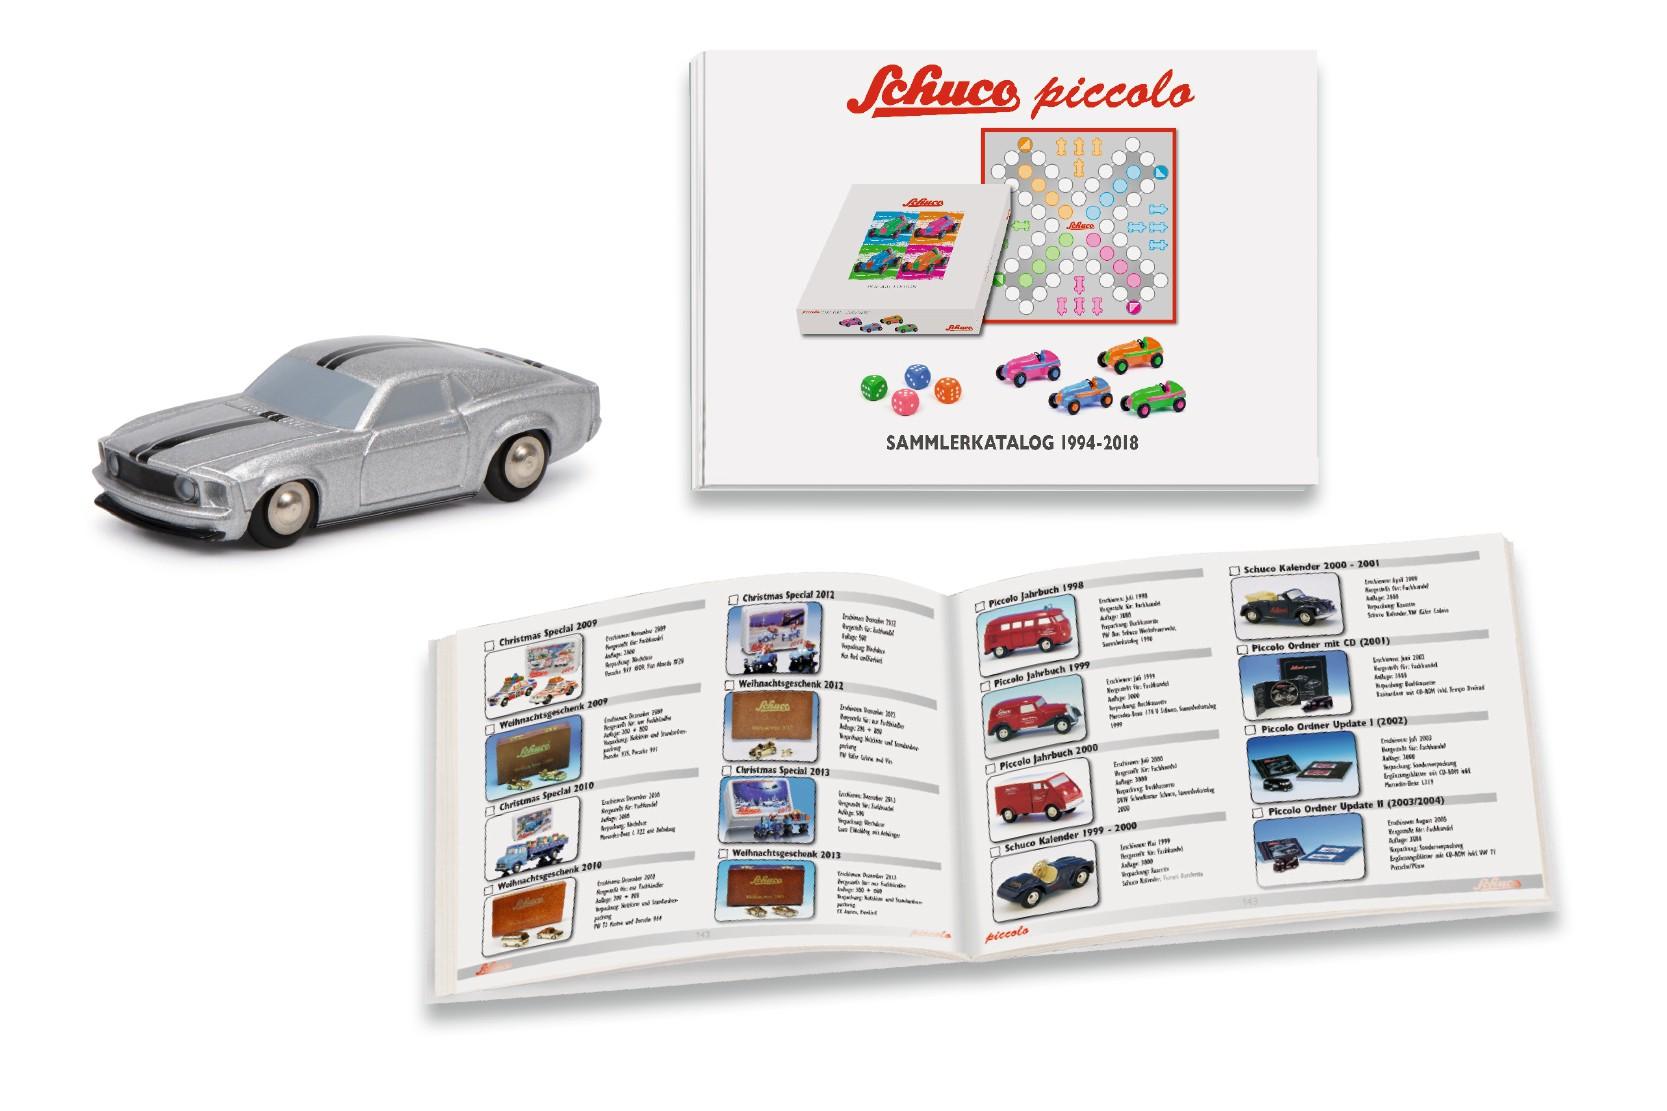 Schuco 450607400 Set Piccolo-Sammlerkatalog 1994-2018 mit Mustang